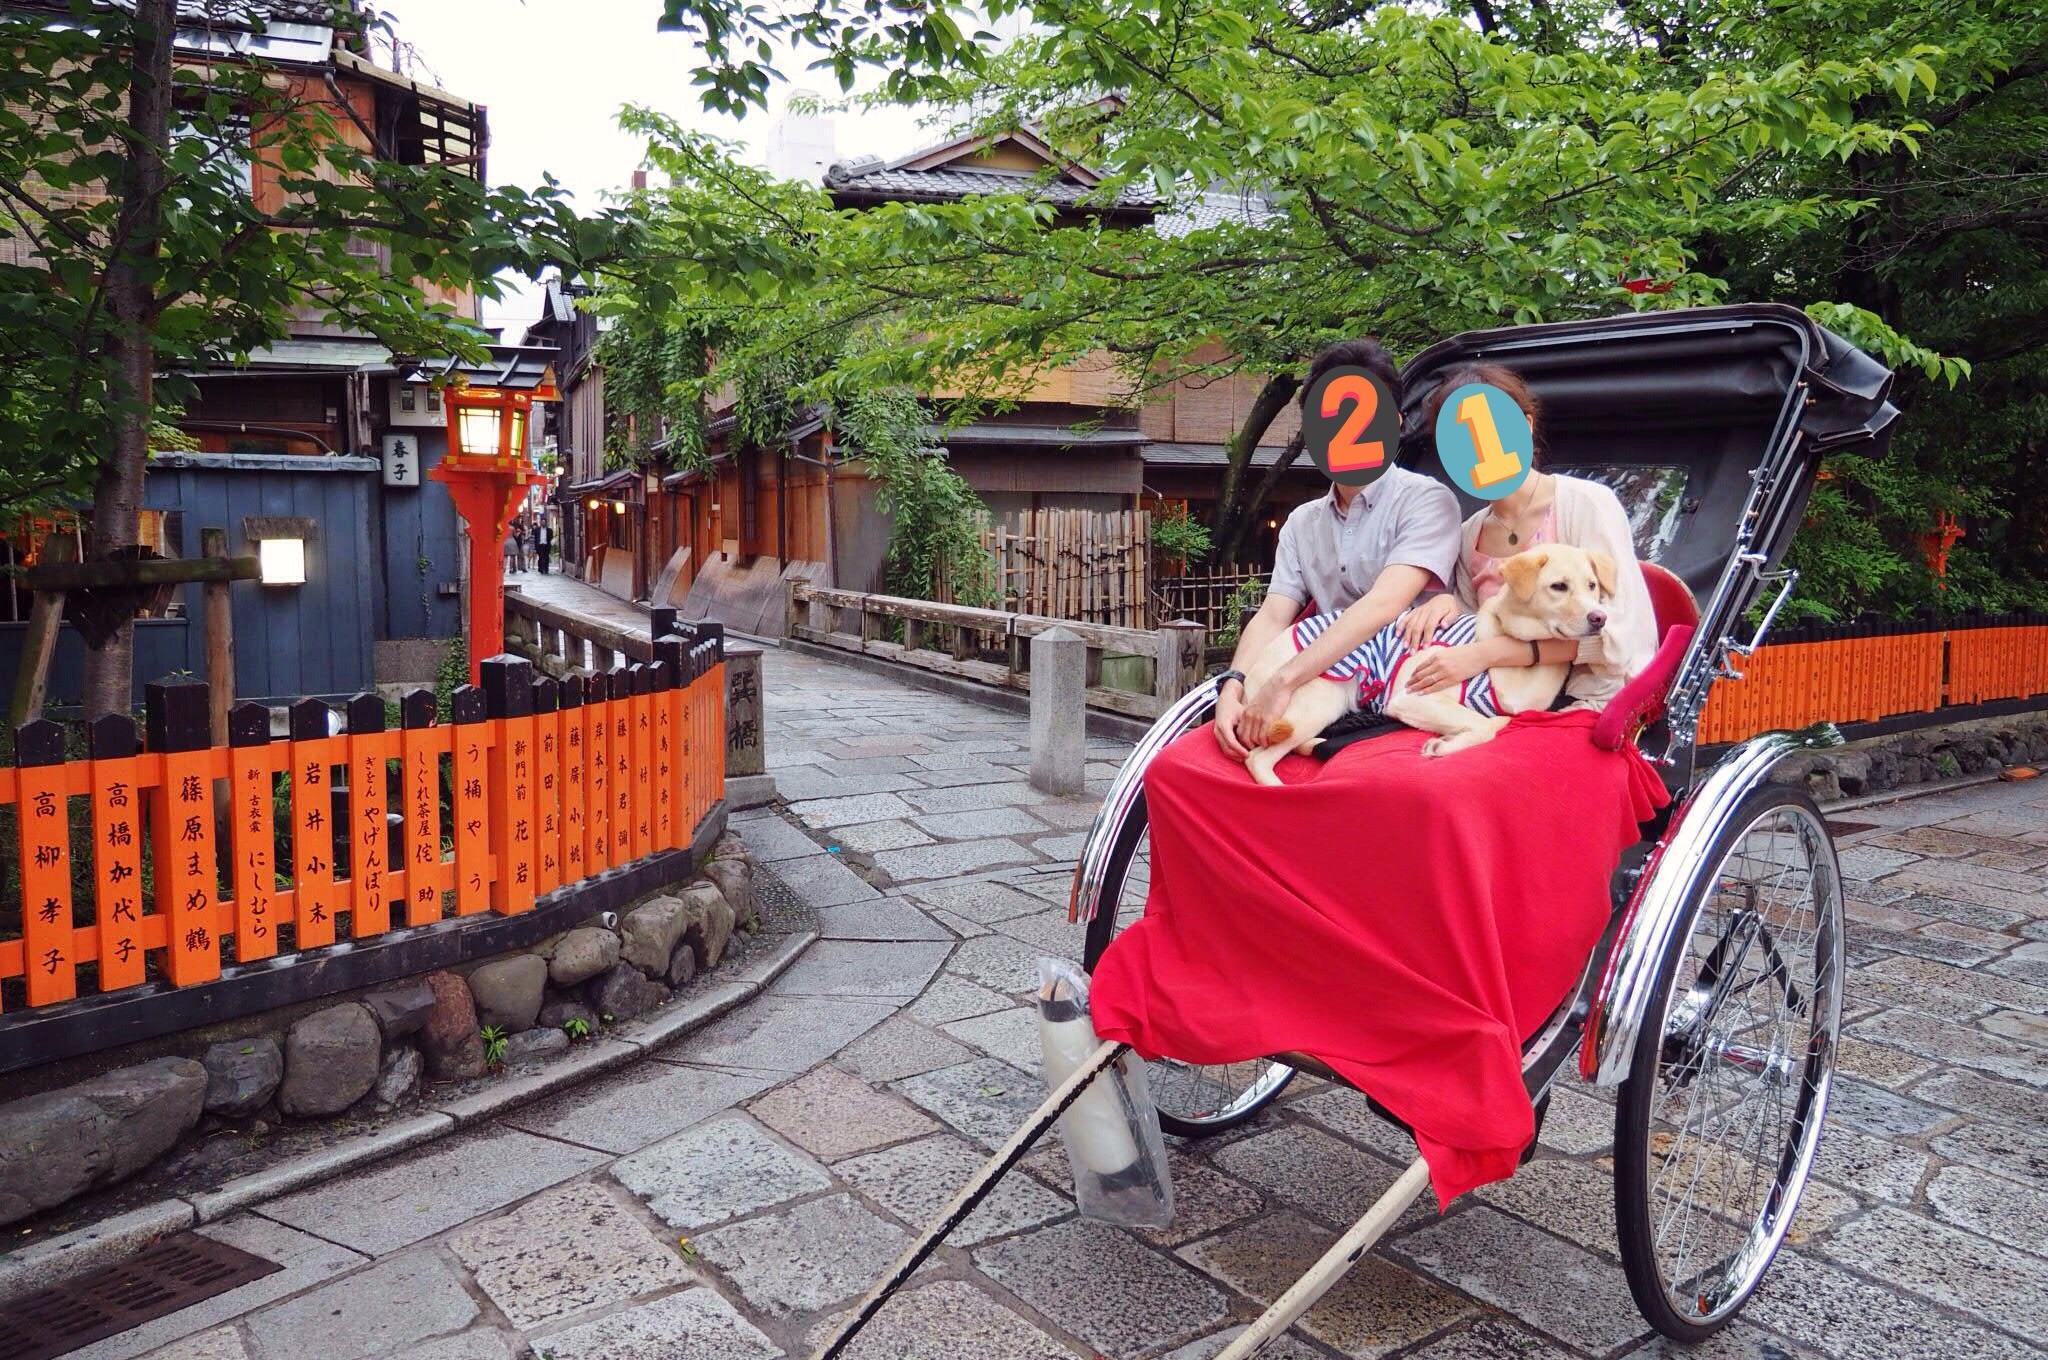 京都旅行 犬 わんこ 大型犬 人力車